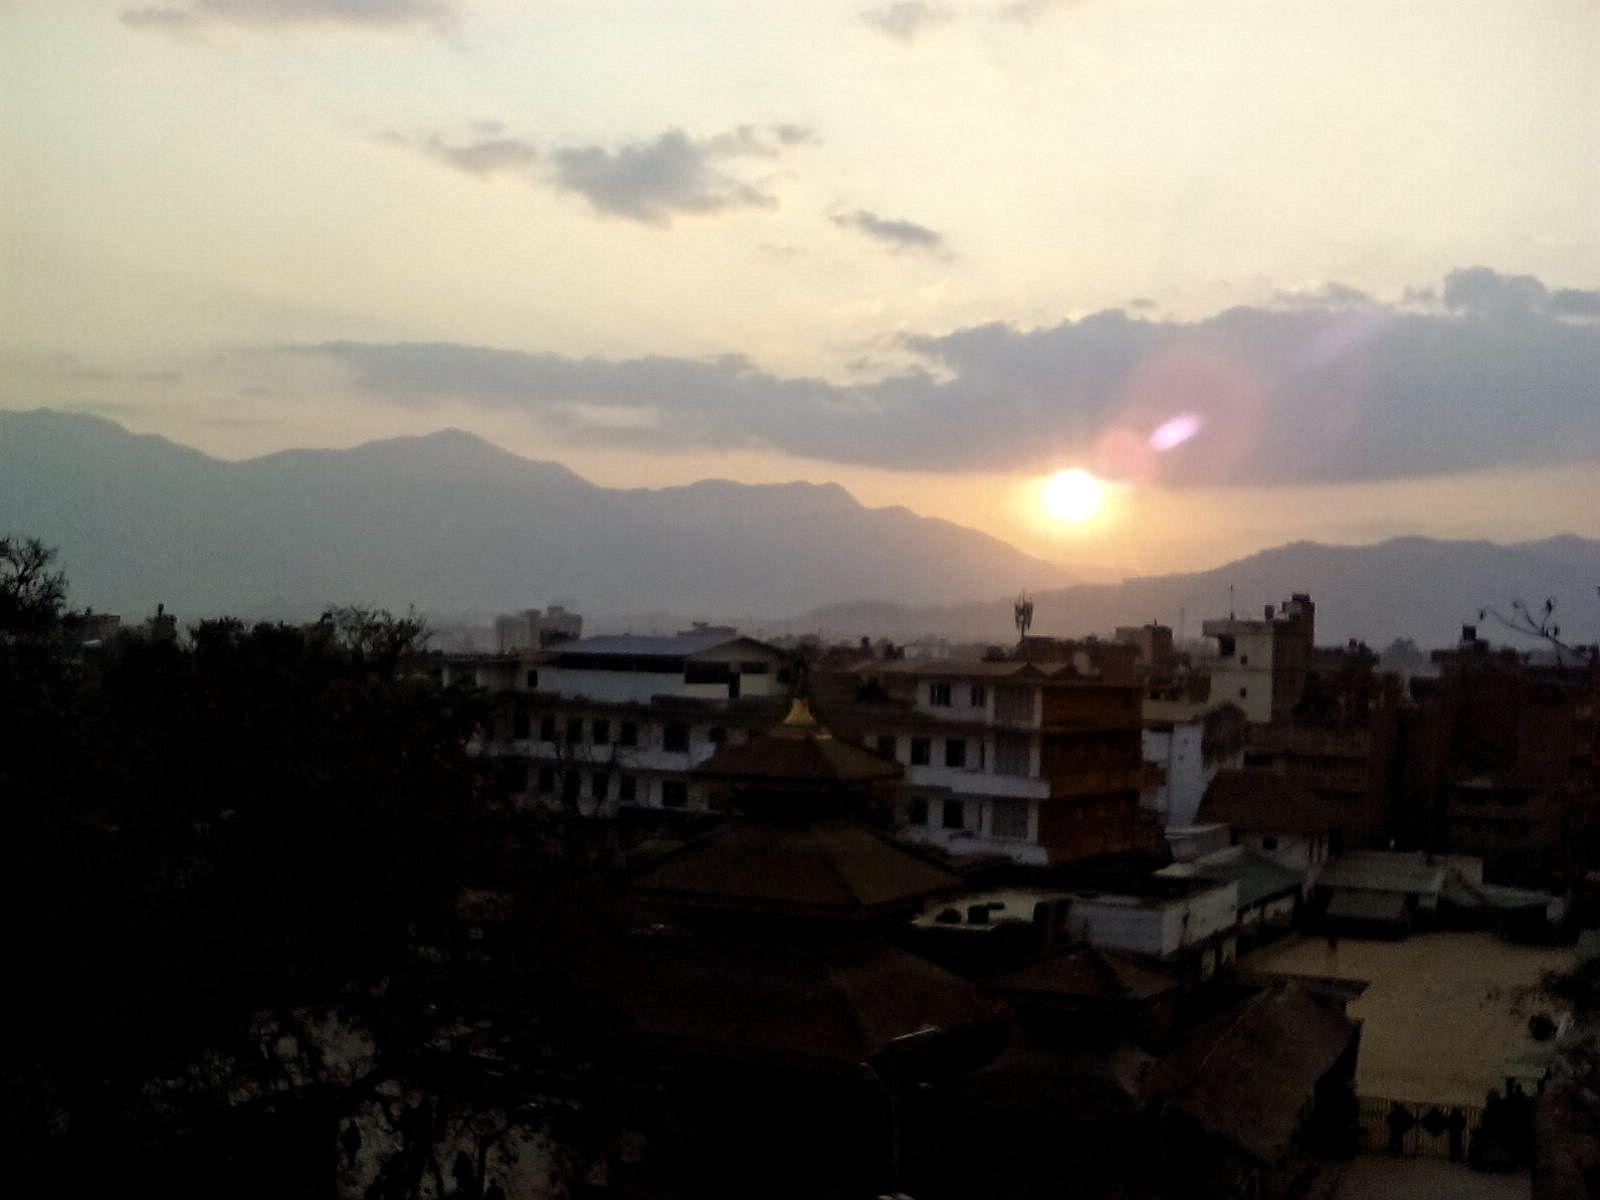 coucher de soleil katmandou montagne ville historique